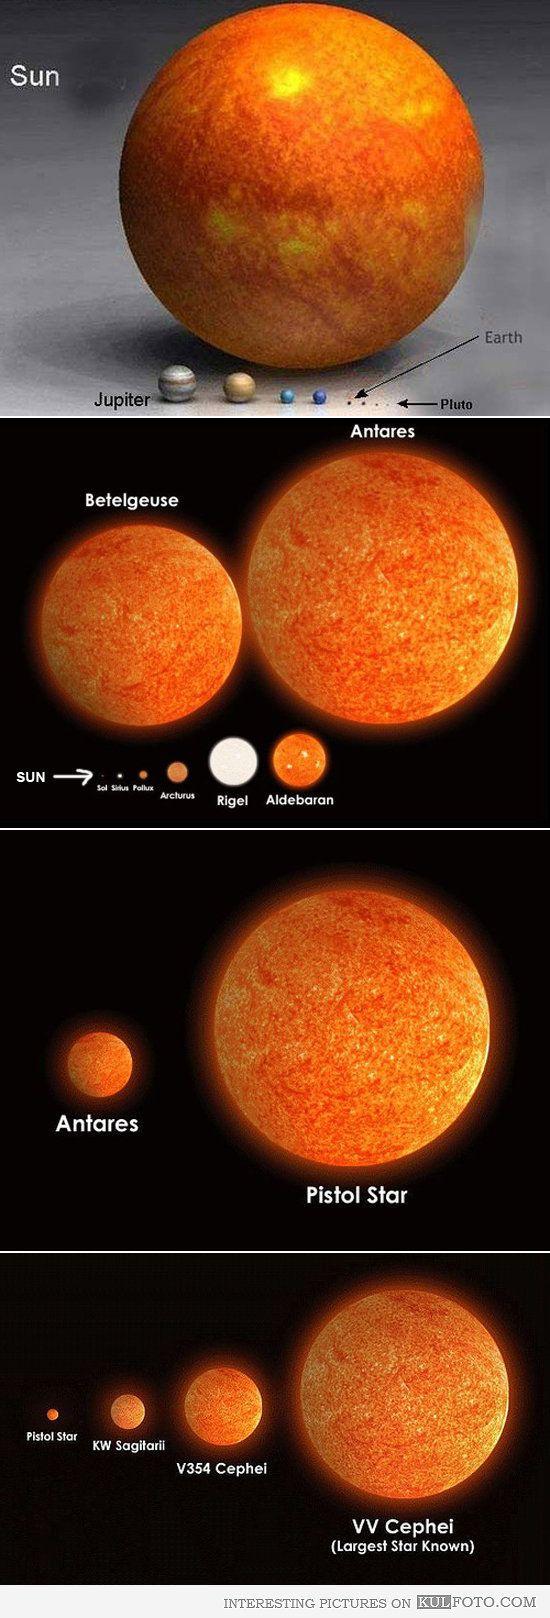 Remarkable size comparisons